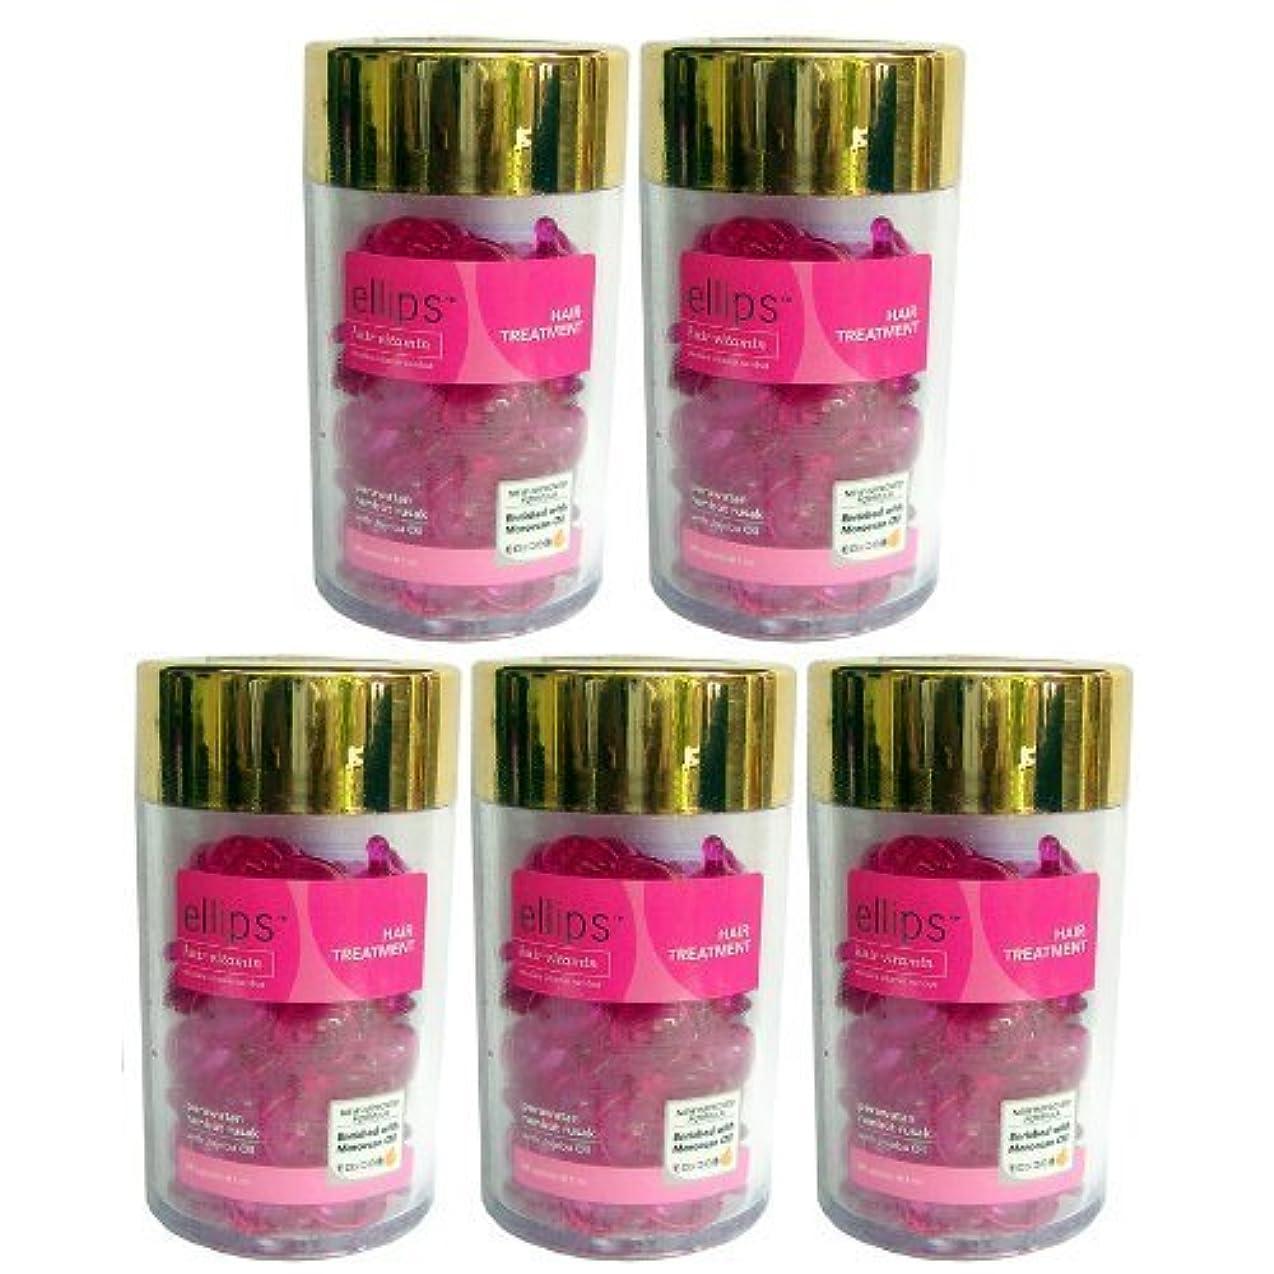 ラグ道徳アーチエリップス ellips ヘアビタミン洗い流さないヘアトリートメント(並行輸入品) (ピンク5本)